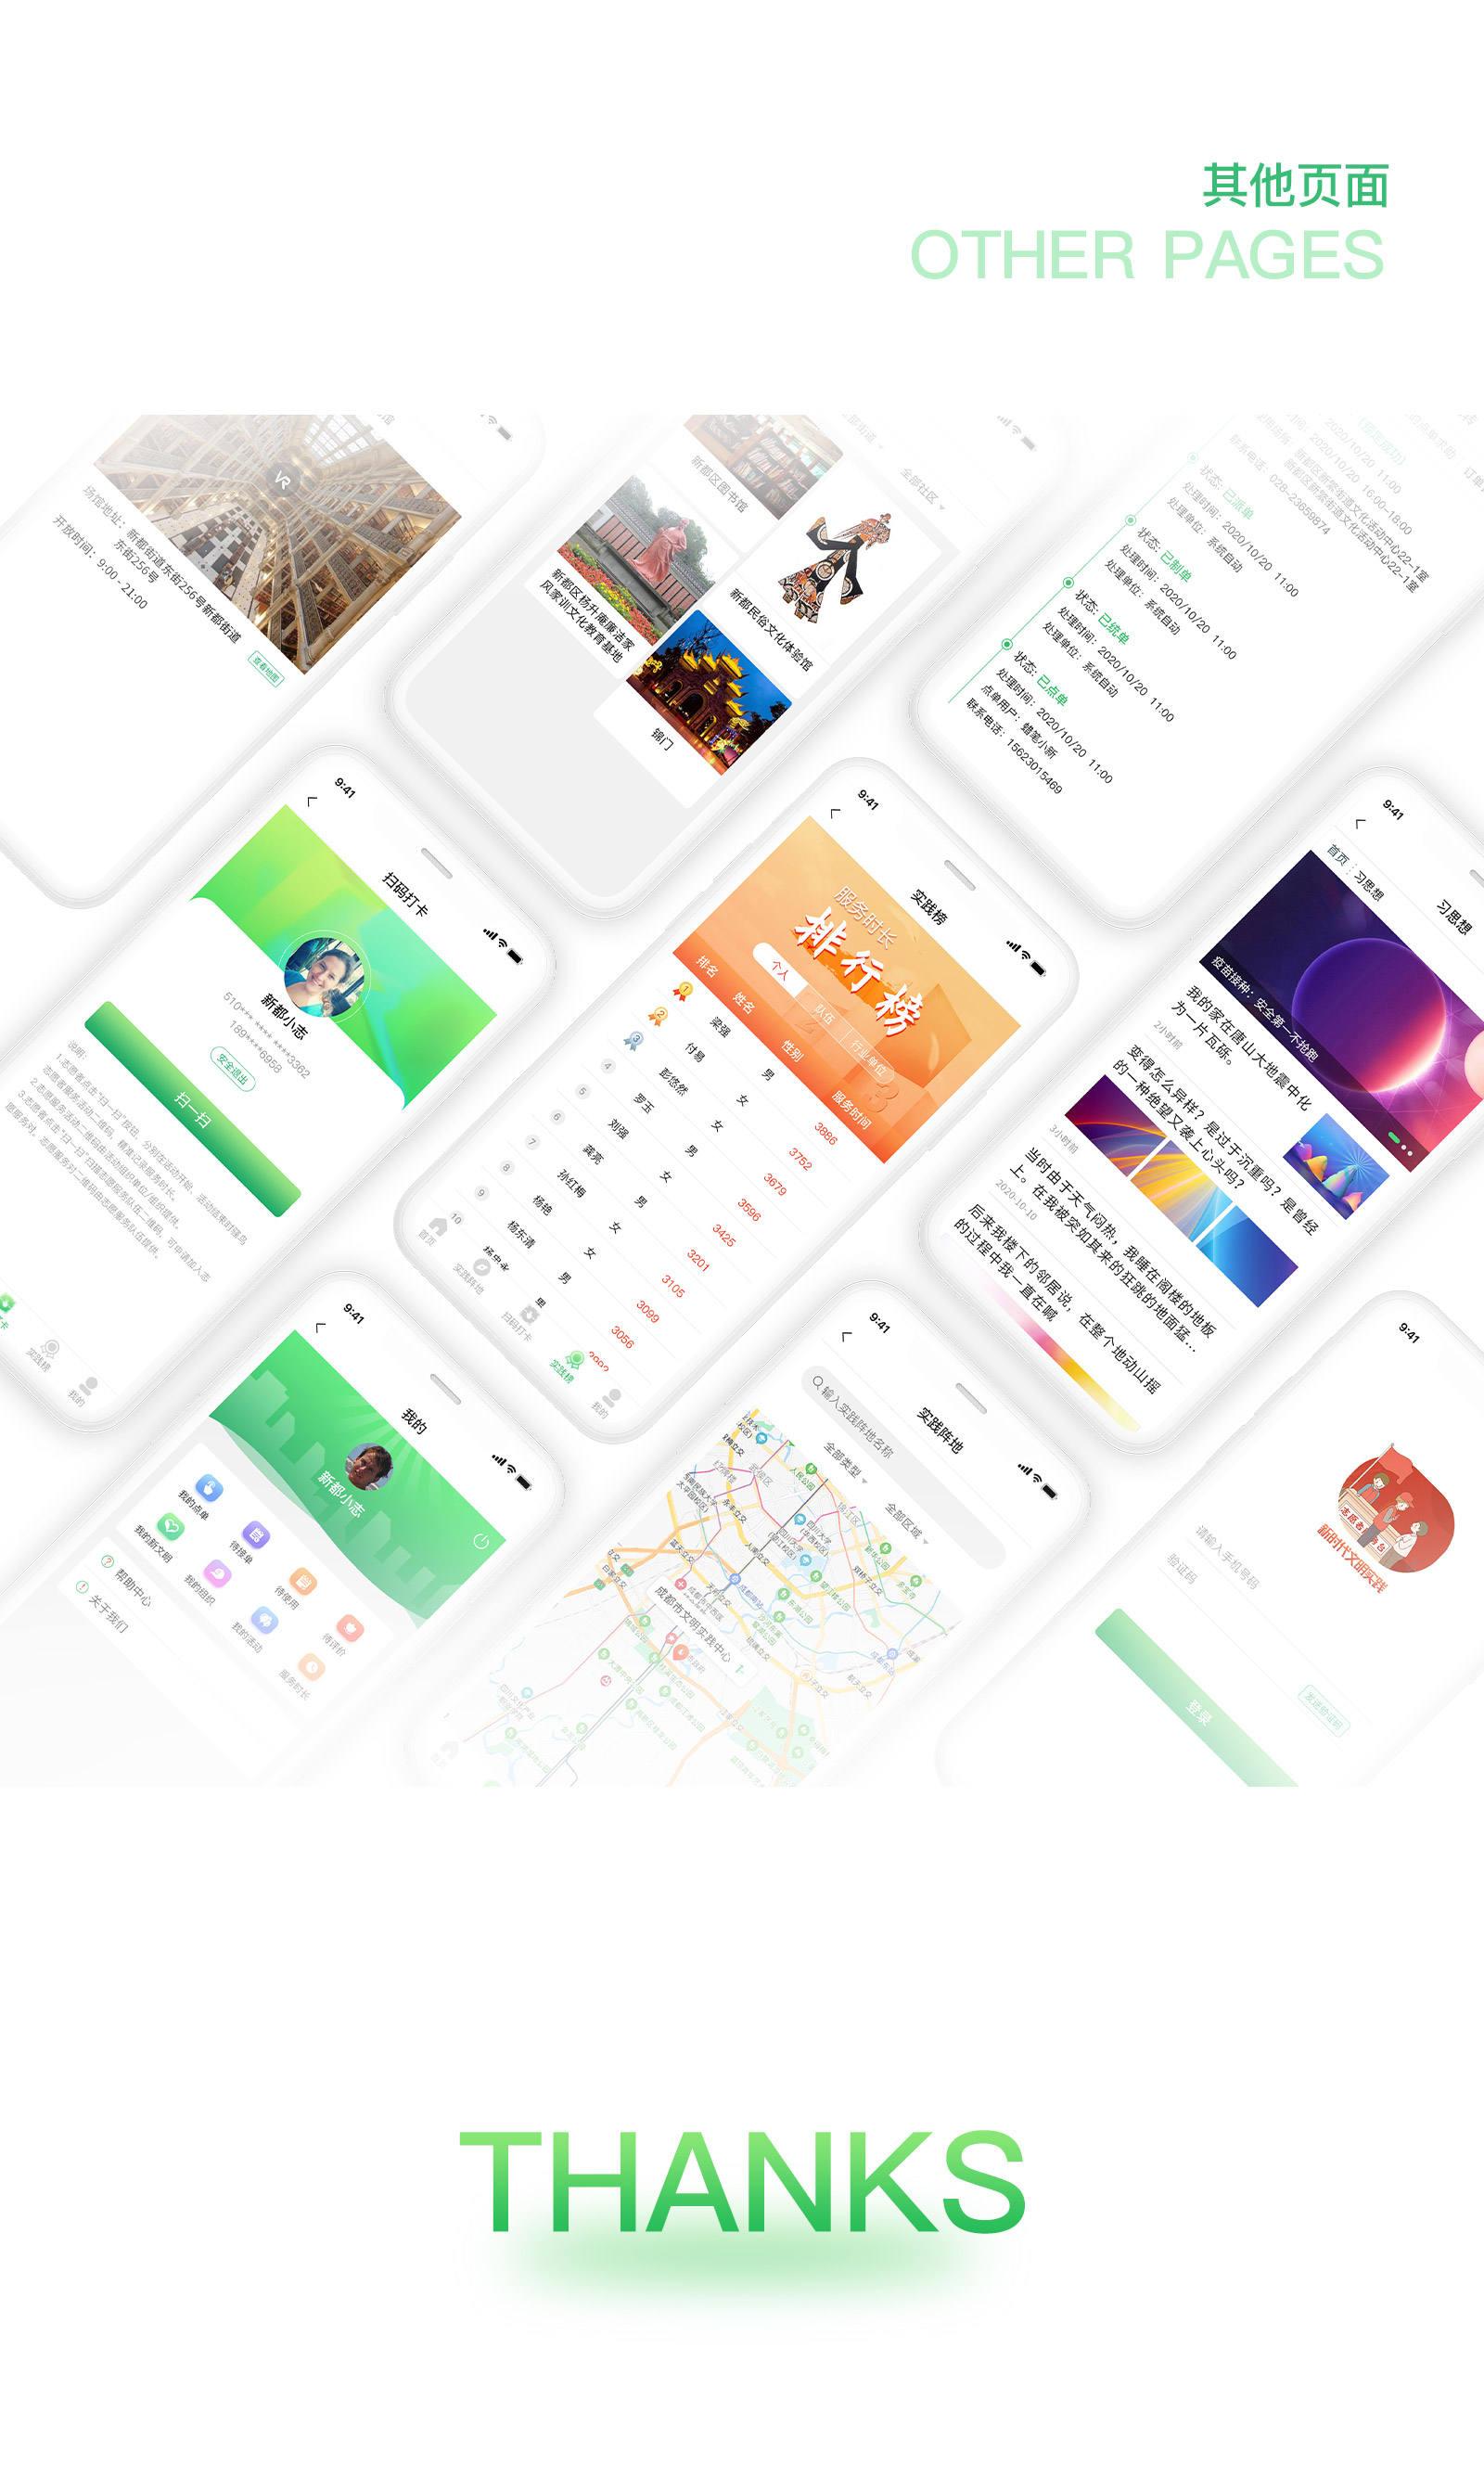 2020年作品-文明实践H5页面设计 飞特网 H5页面设计